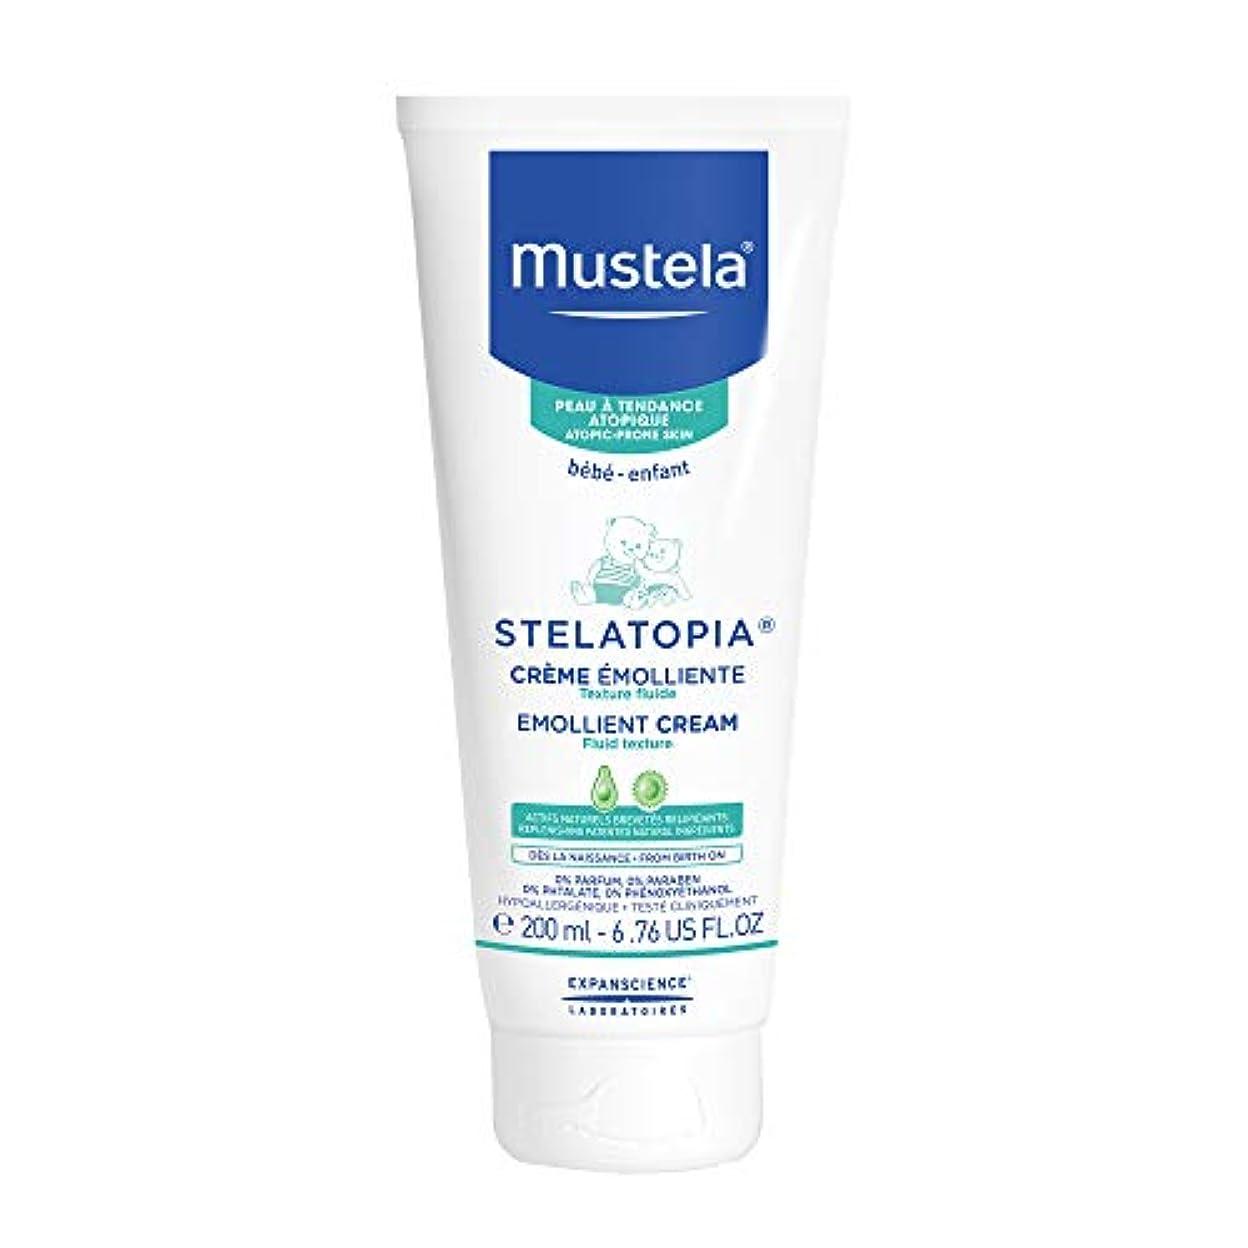 到着する降下麦芽Mustela - Stelatopia Emollient Cream (6.76 oz.)